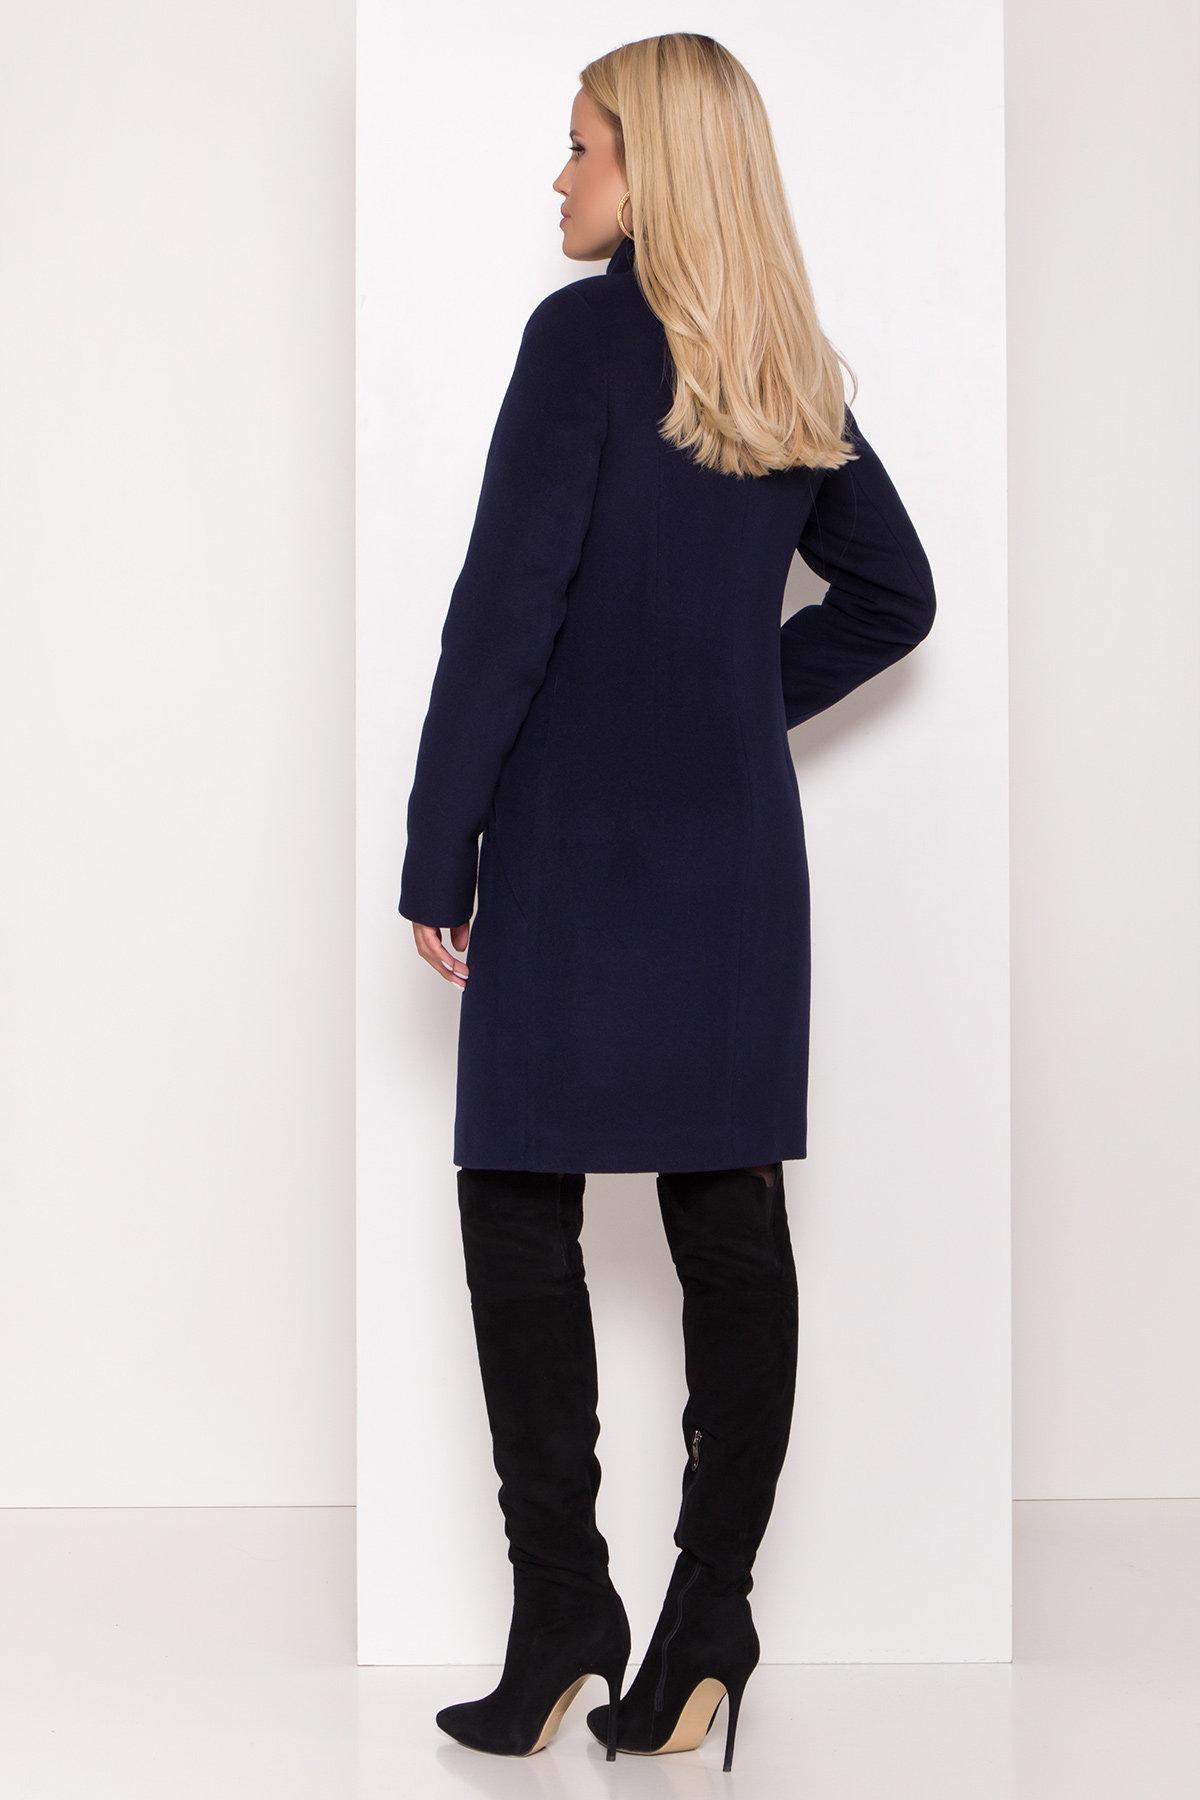 Пальто зима с хомутом Люцея 8211 АРТ. 44224 Цвет: Т.синий Н-14 - фото 9, интернет магазин tm-modus.ru